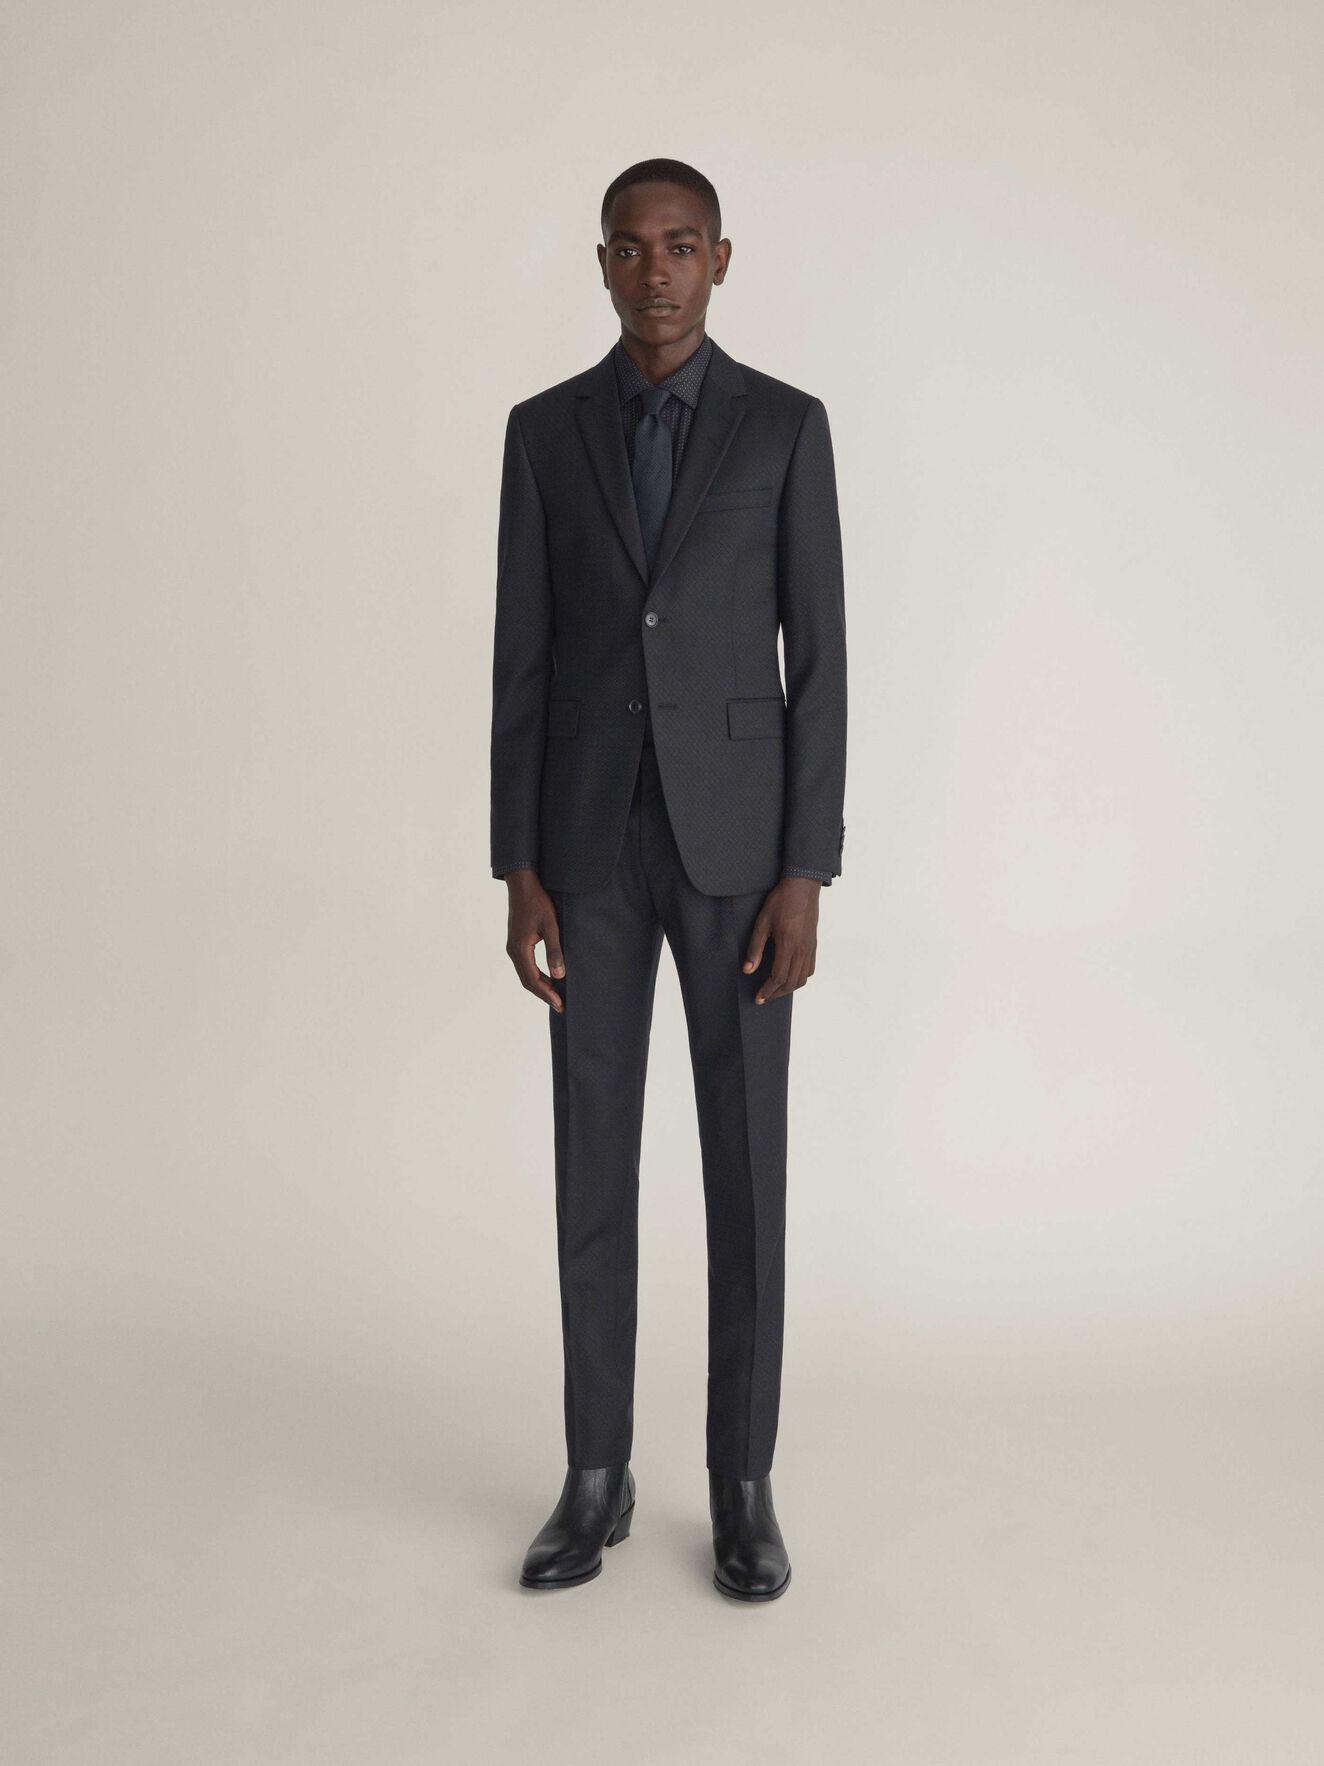 Suits - Find quality designer suits online at Tiger of Sweden 121dd6b561e